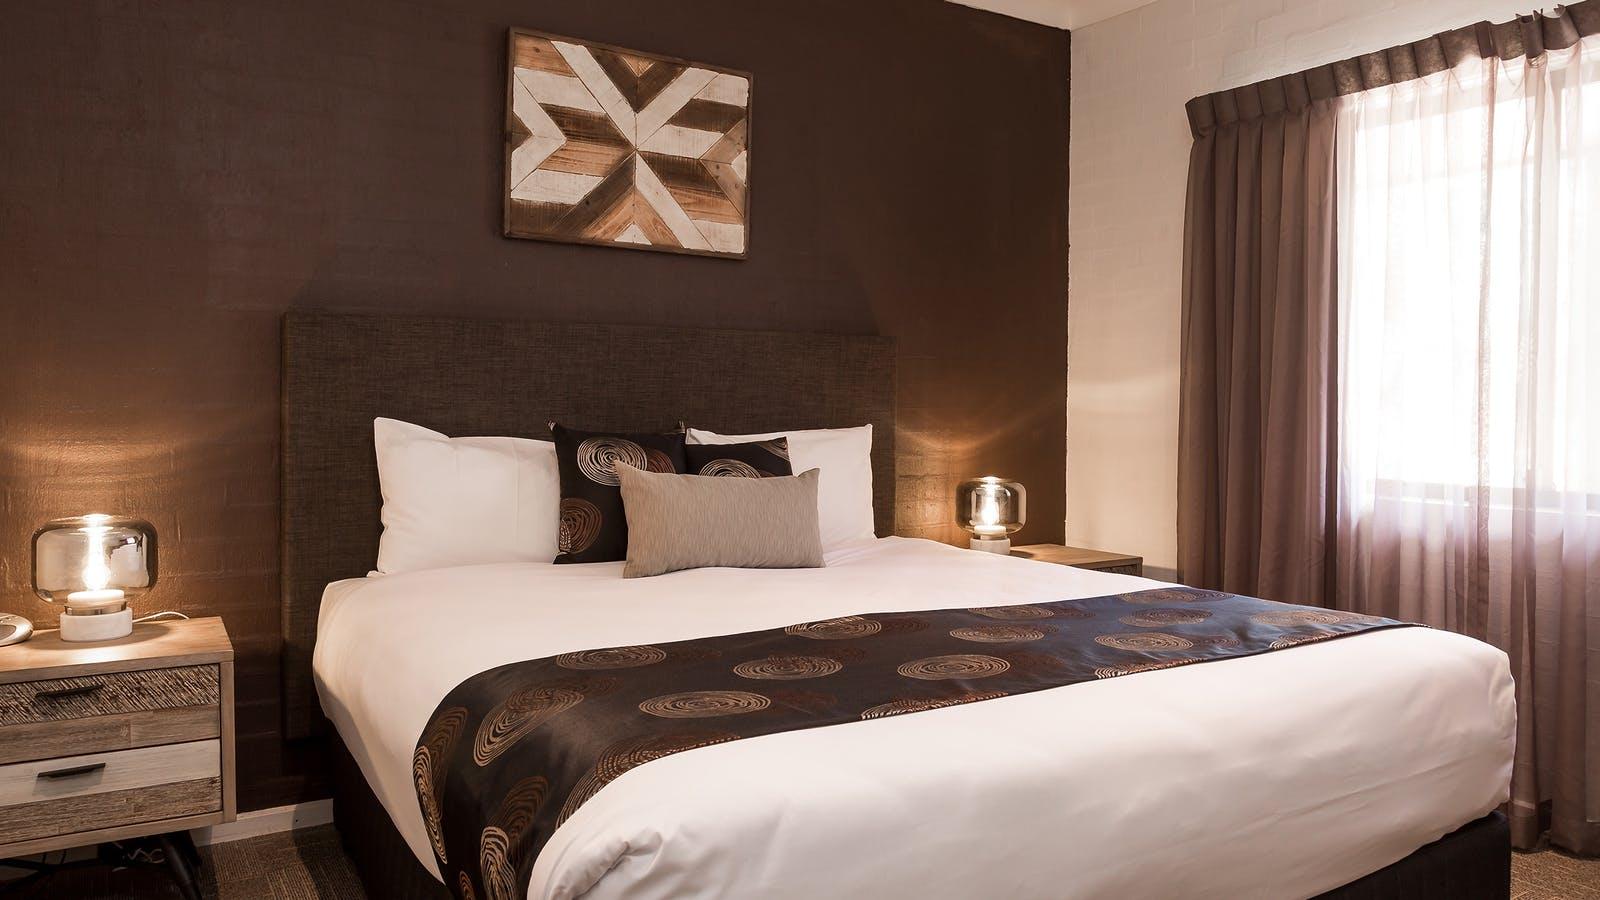 Luxury bedroom executive apartment